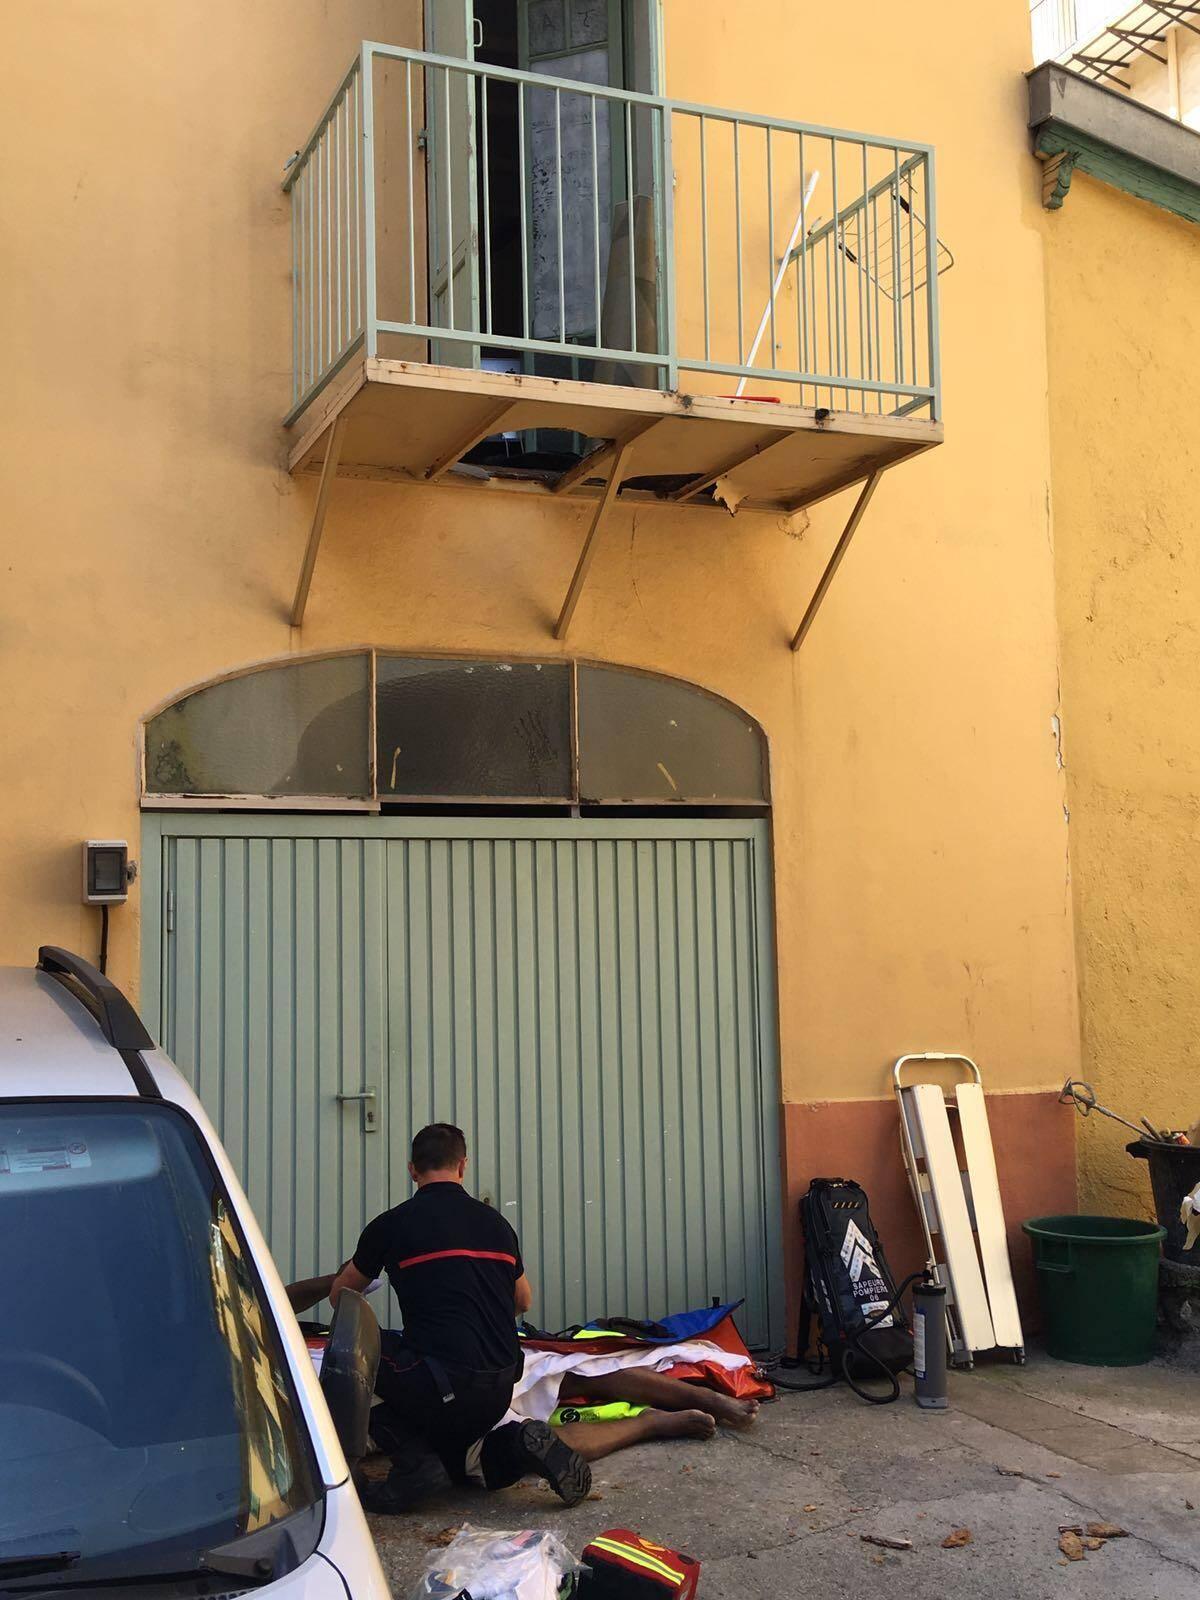 Le jeune homme juste après sa chute, lors de l'intervention des pompiers et du Samu. Puis, en bas, à l'hôpital. À droite, le trou dans le balcon en aggloméré.